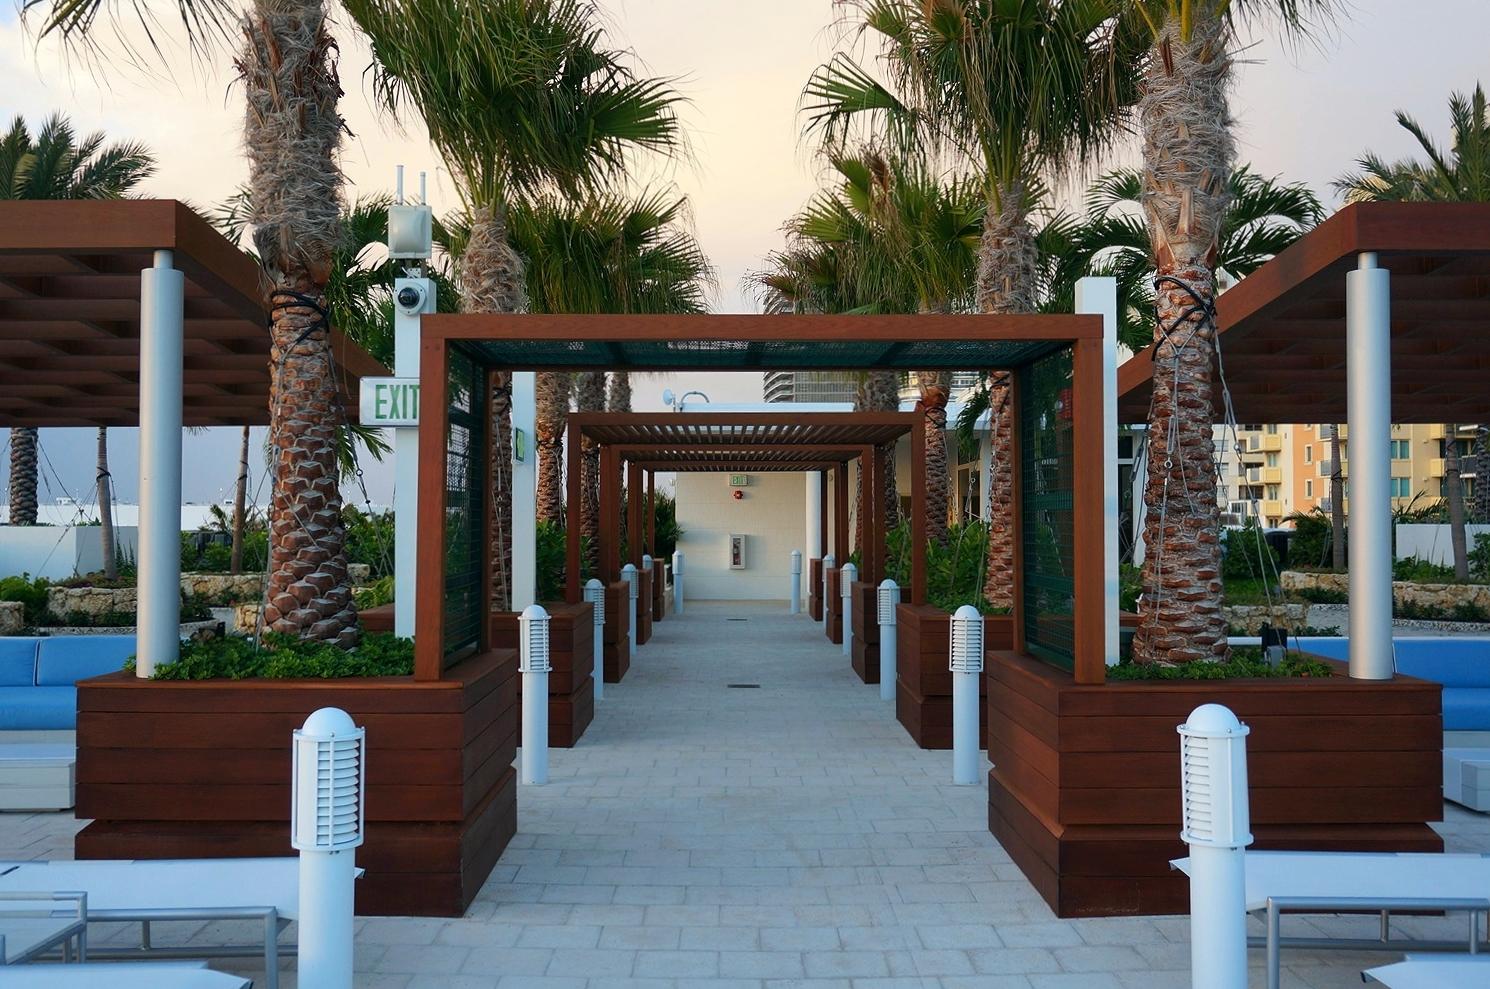 Grand Beach Hotel Surfside West Prz Design Build